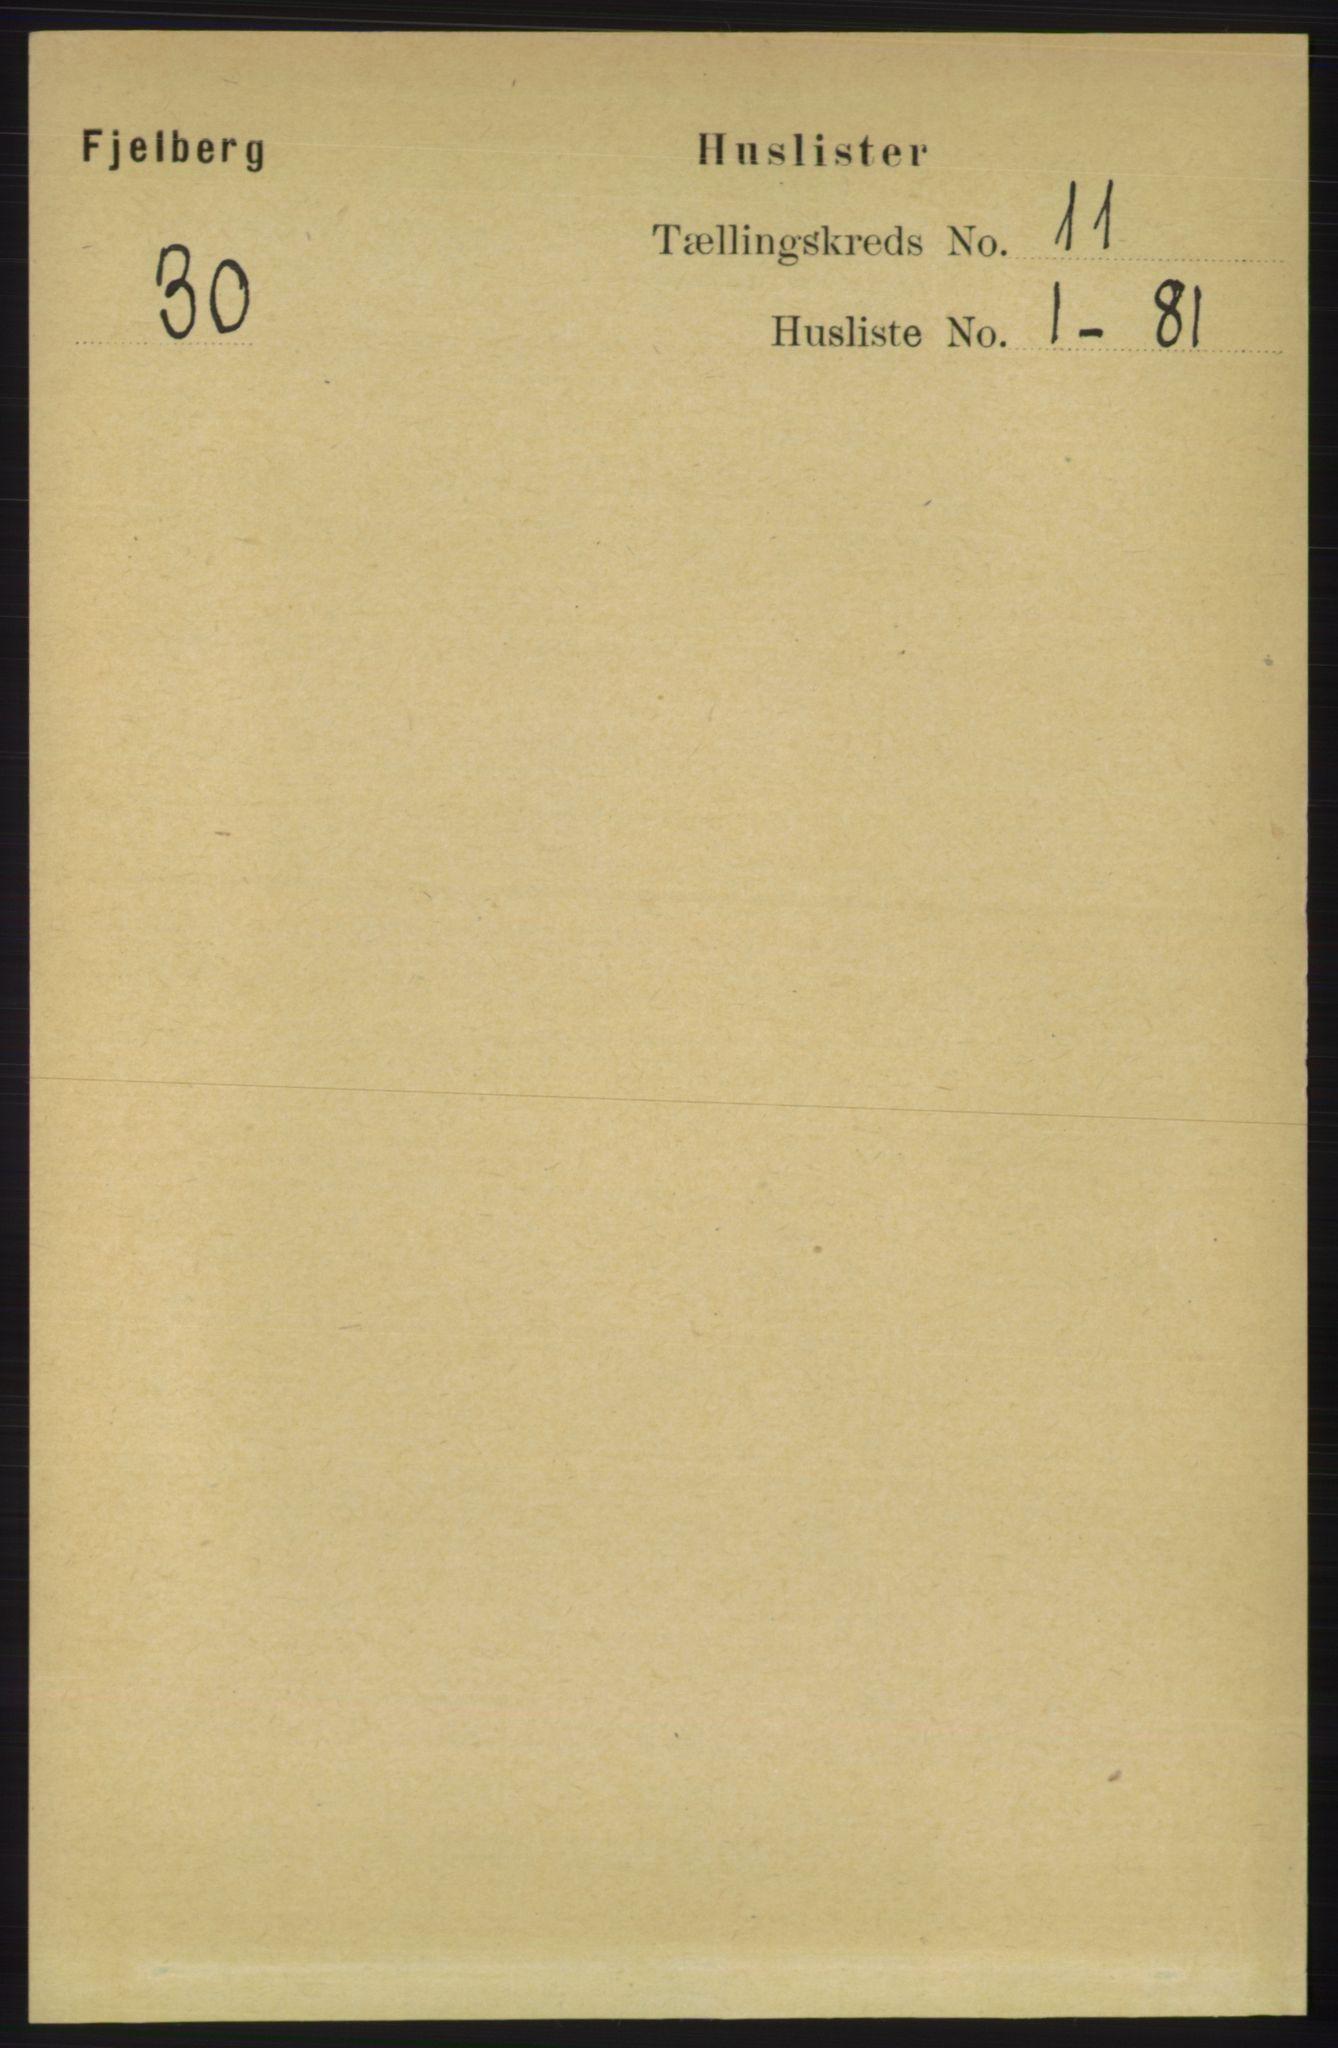 RA, Folketelling 1891 for 1213 Fjelberg herred, 1891, s. 4053